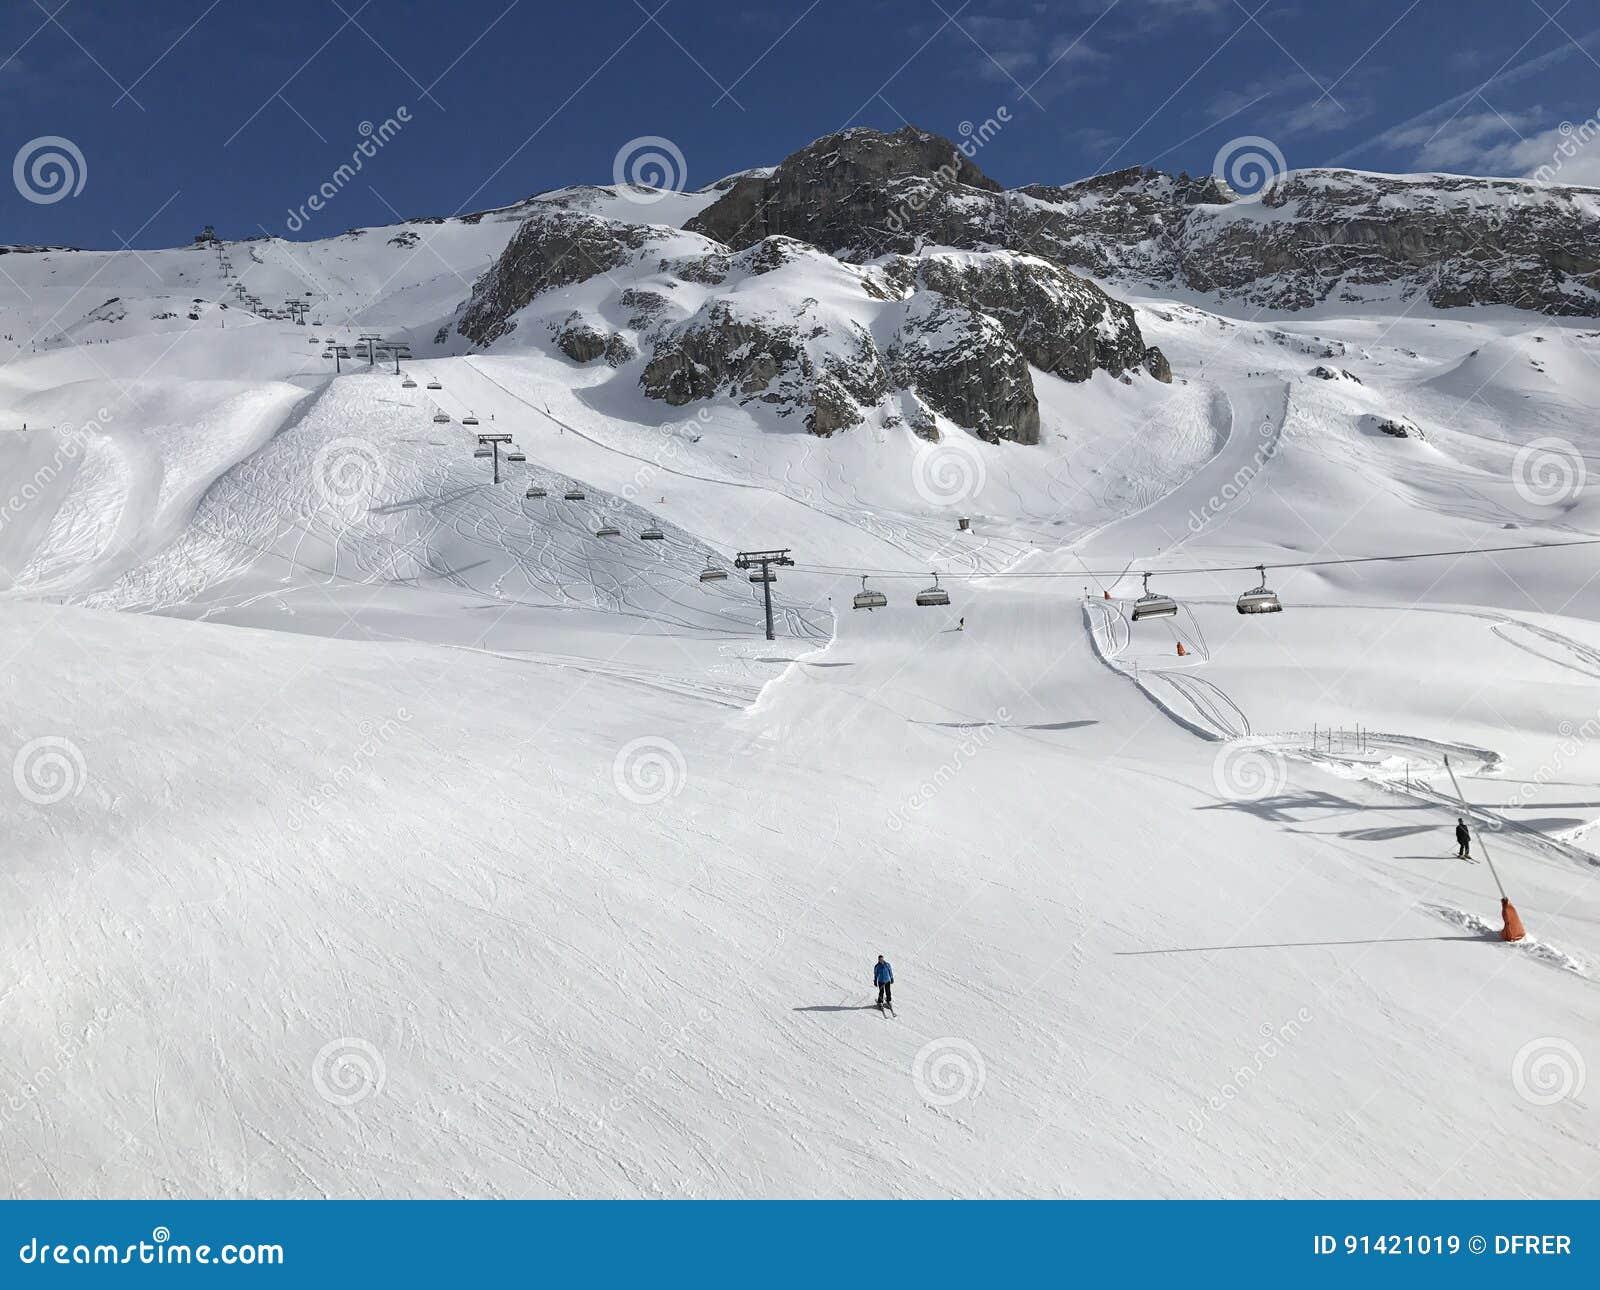 sunny ski slope with ski person at austria white snow stock image